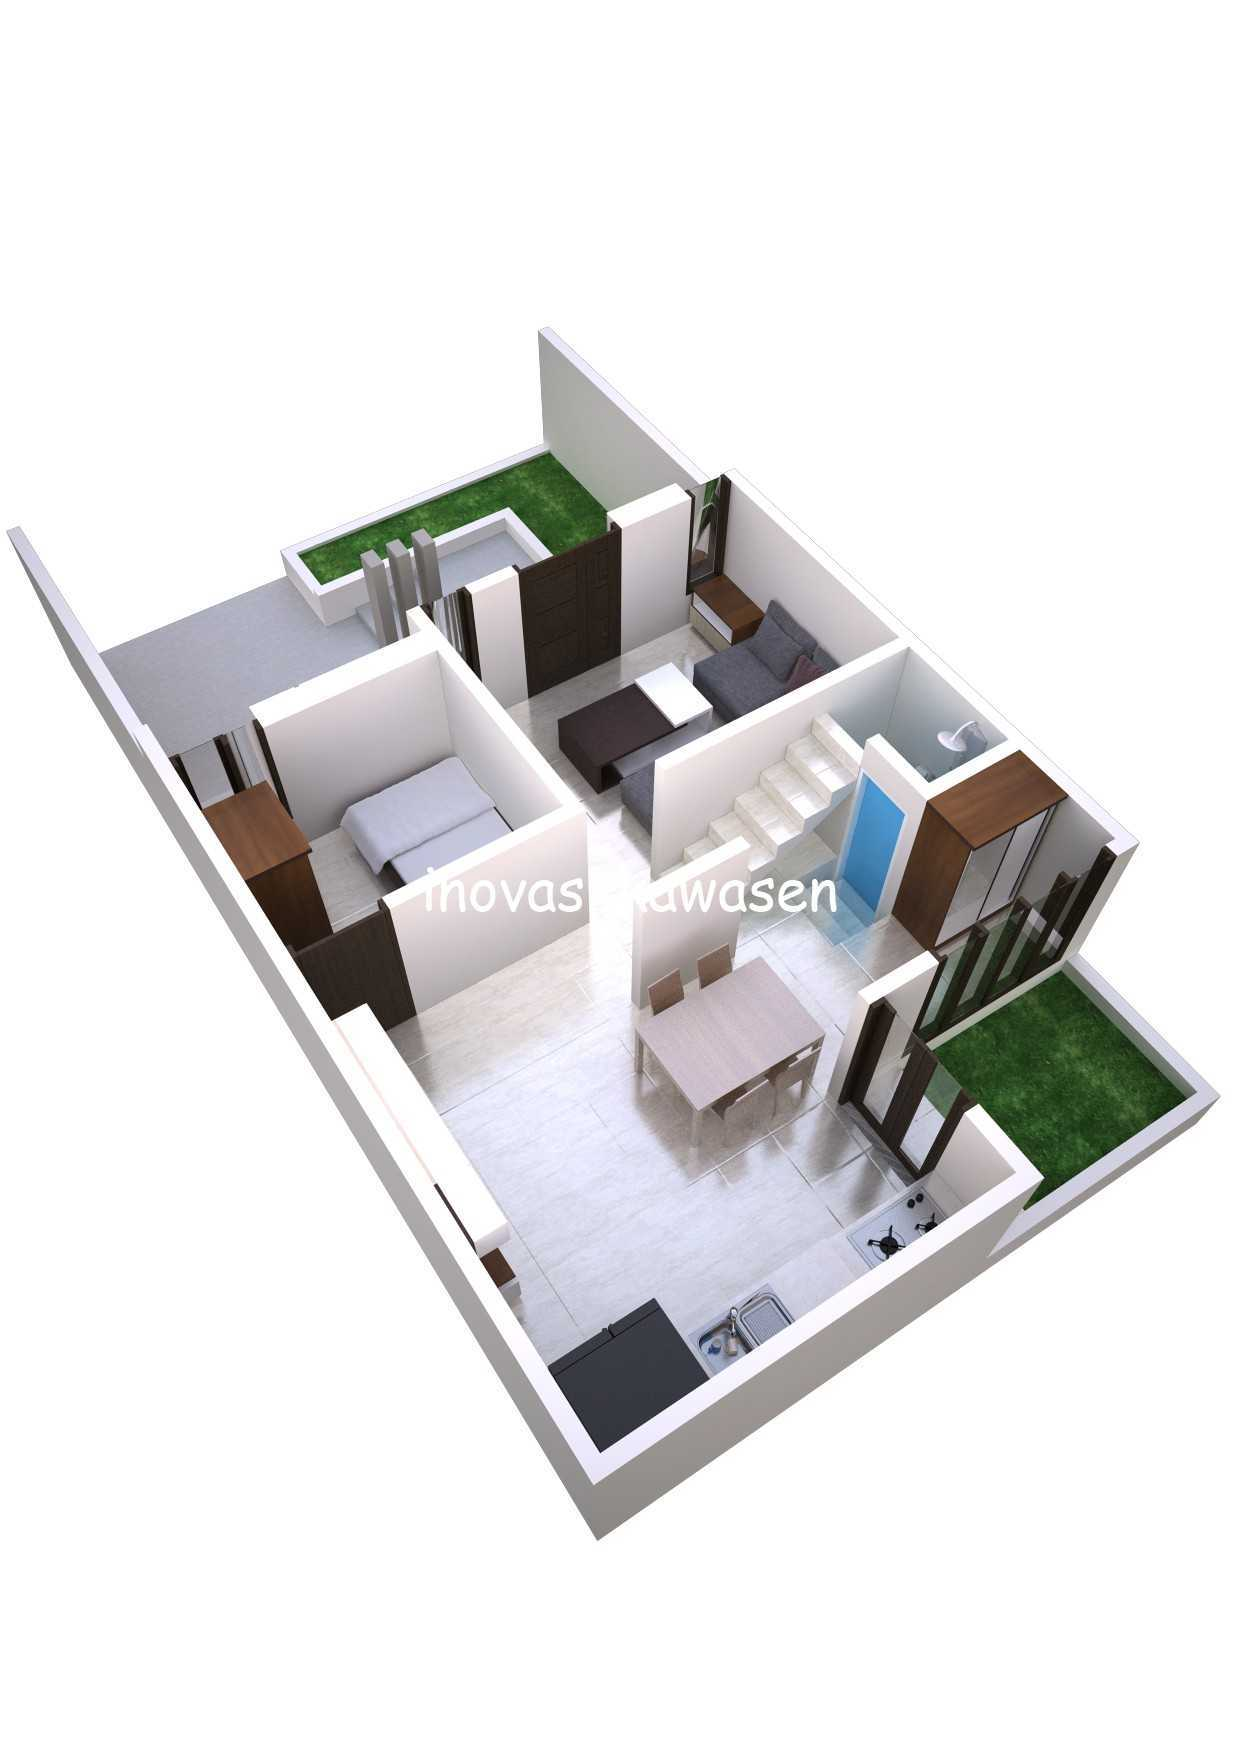 Inovasi Kawasen Renovasi Rumah Type 45 ( Desain ) Kota Depok, Jawa Barat, Indonesia Kota Depok, Jawa Barat, Indonesia Inovasi-Kawasen-Renovasi-Rumah-Type-45-Desain-  89836